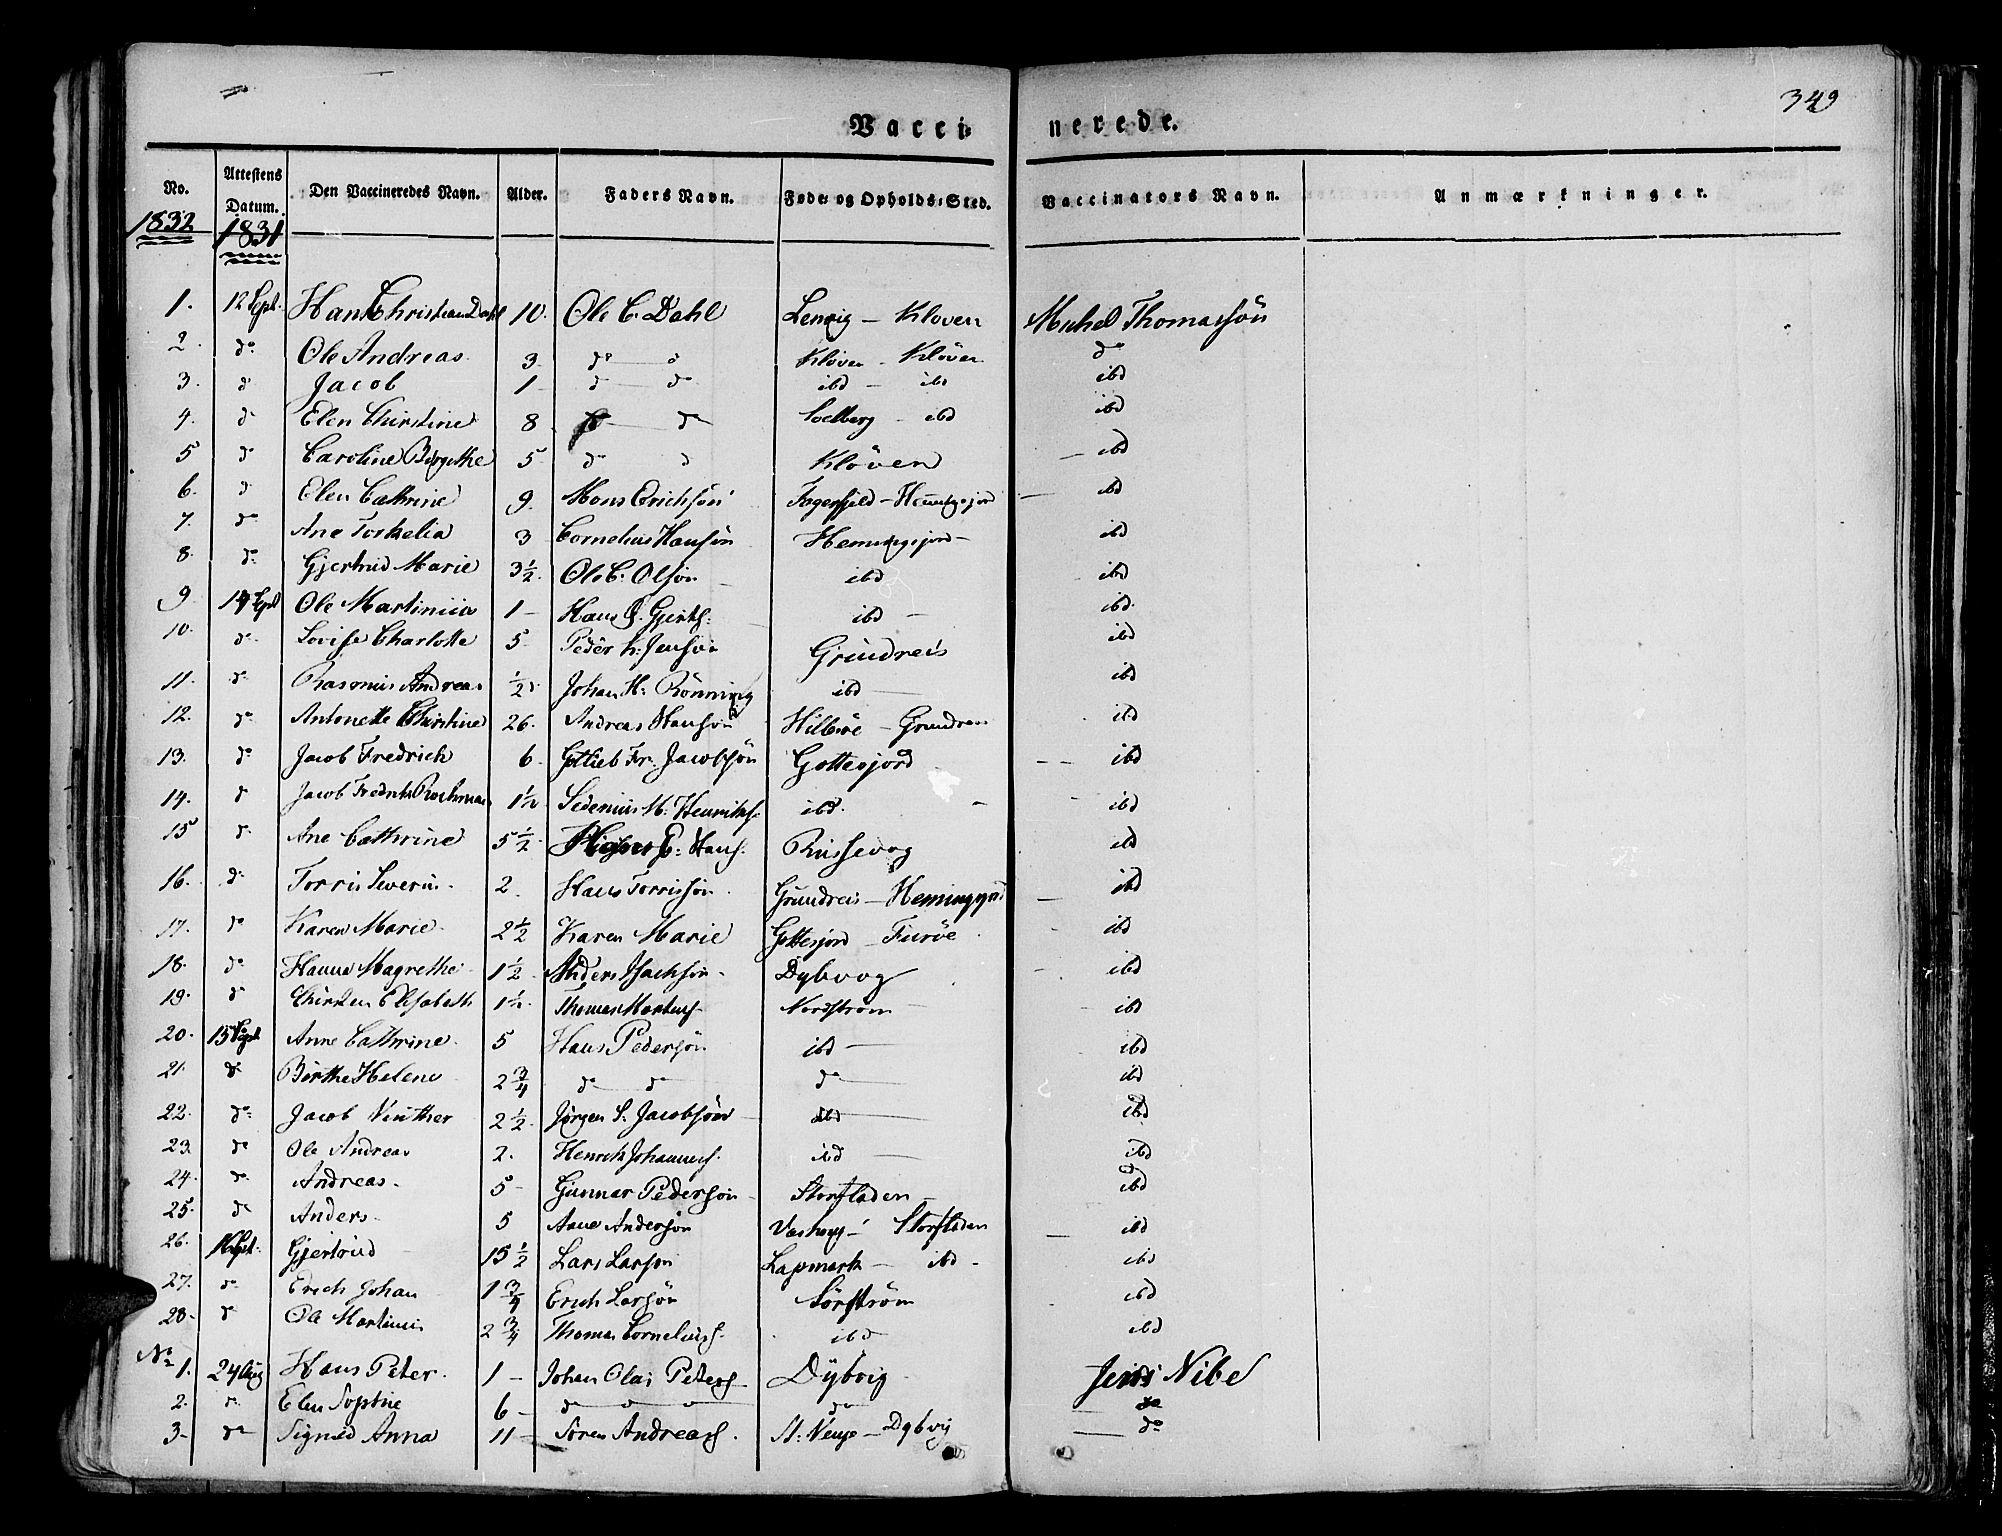 SATØ, Tranøy sokneprestkontor, I/Ia/Iaa/L0005kirke: Parish register (official) no. 5, 1829-1844, p. 349